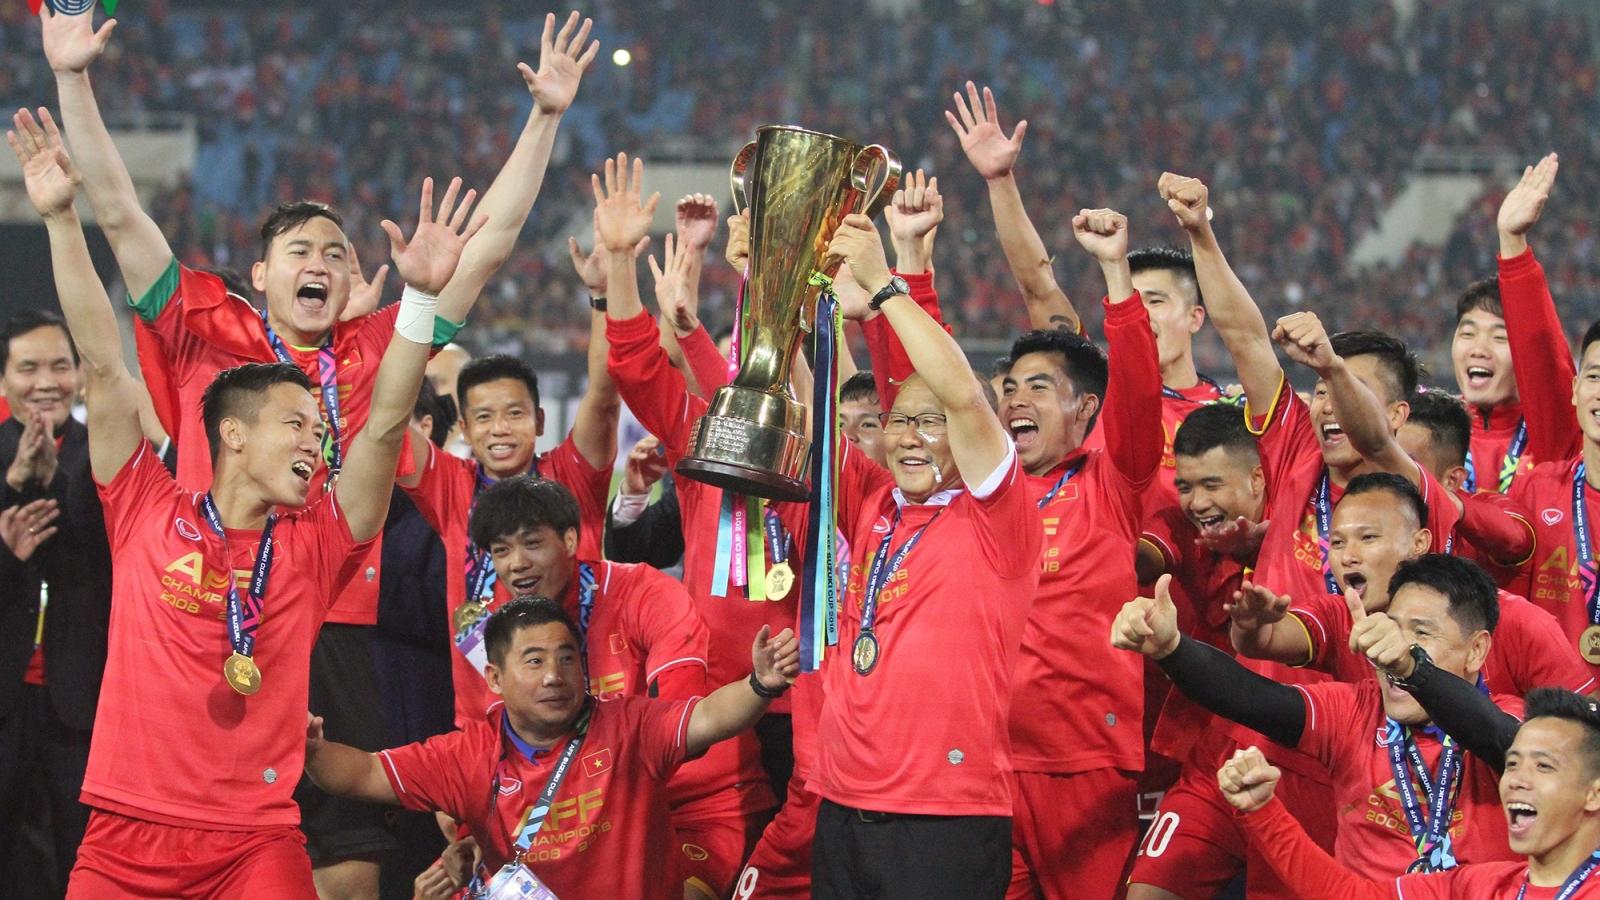 ĐT Việt Nam sẽ bảo vệ danh hiệu ở AFF Cup 2020 với đội hình mạnh nhất